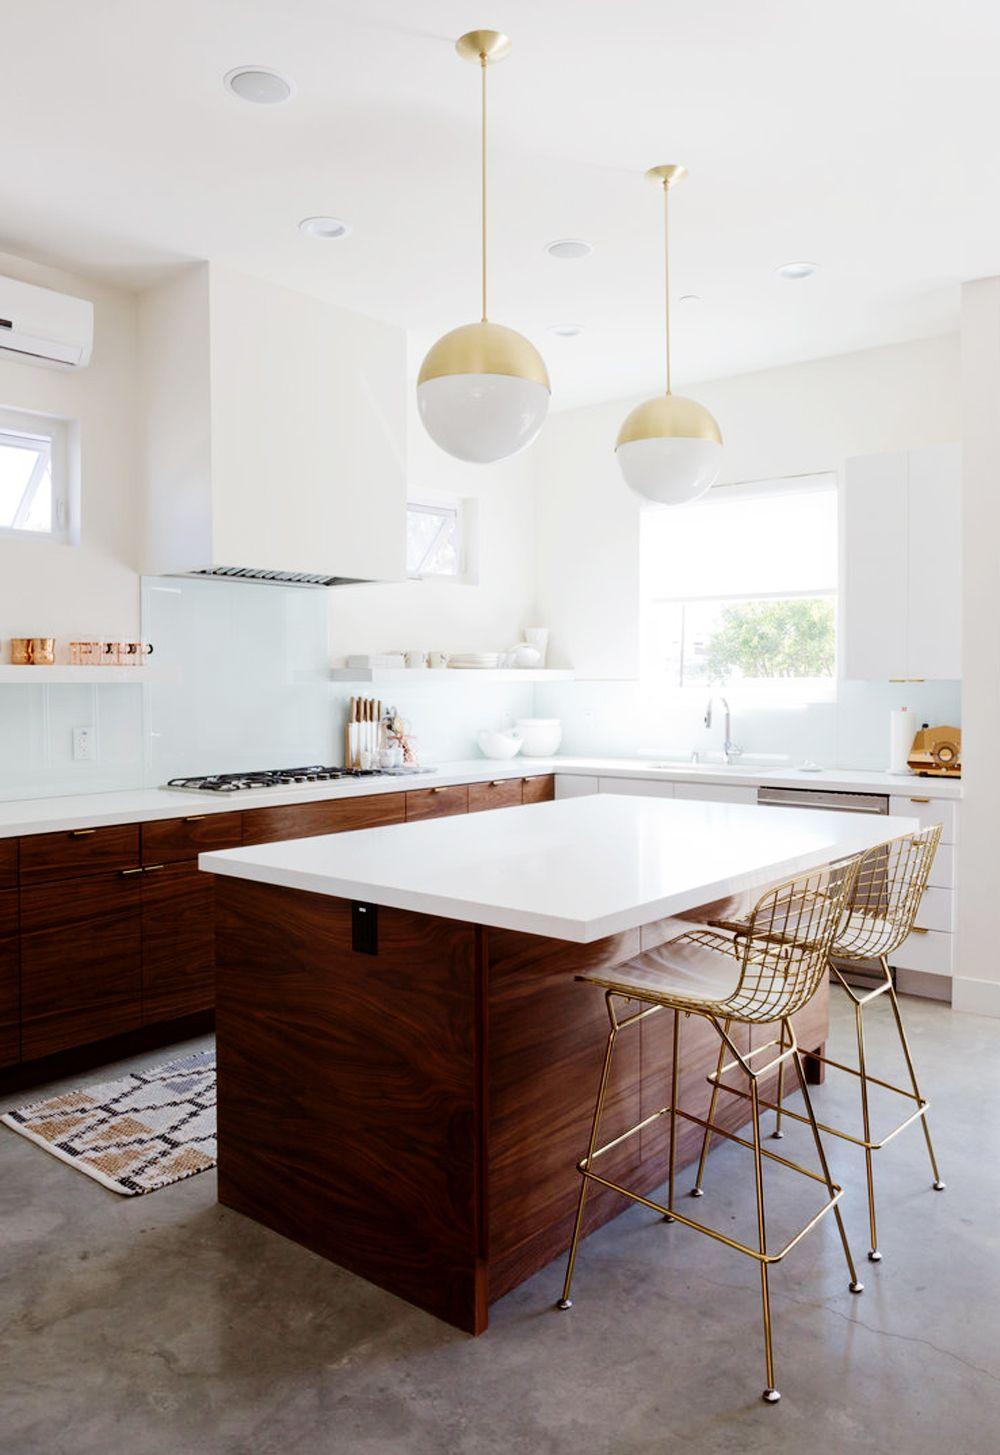 Home küche innenarchitektur bilder pin von anna handtmann auf interior design  pinterest  modern